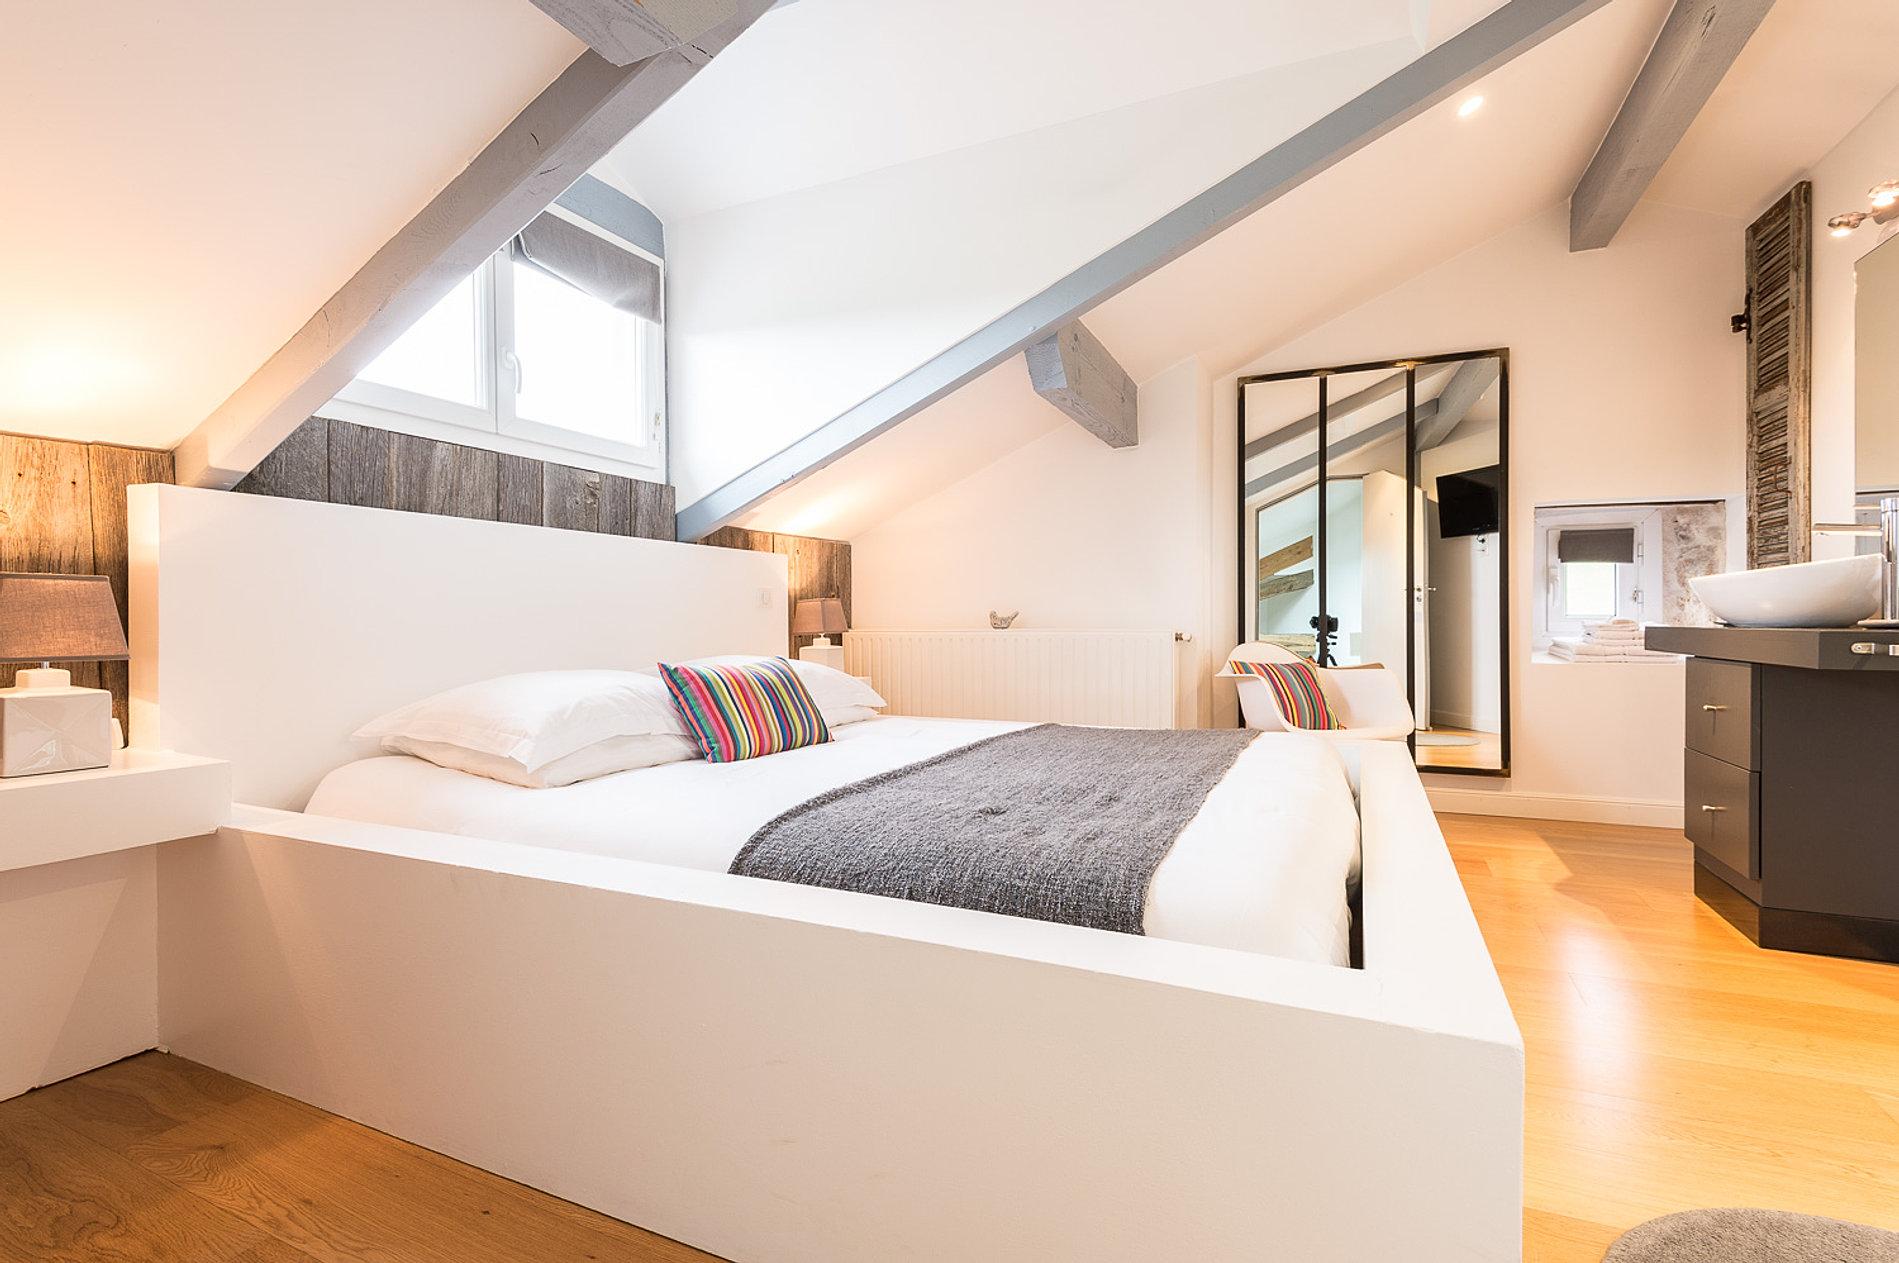 location chambre d 39 h tes au pays basque la chambre kafia. Black Bedroom Furniture Sets. Home Design Ideas